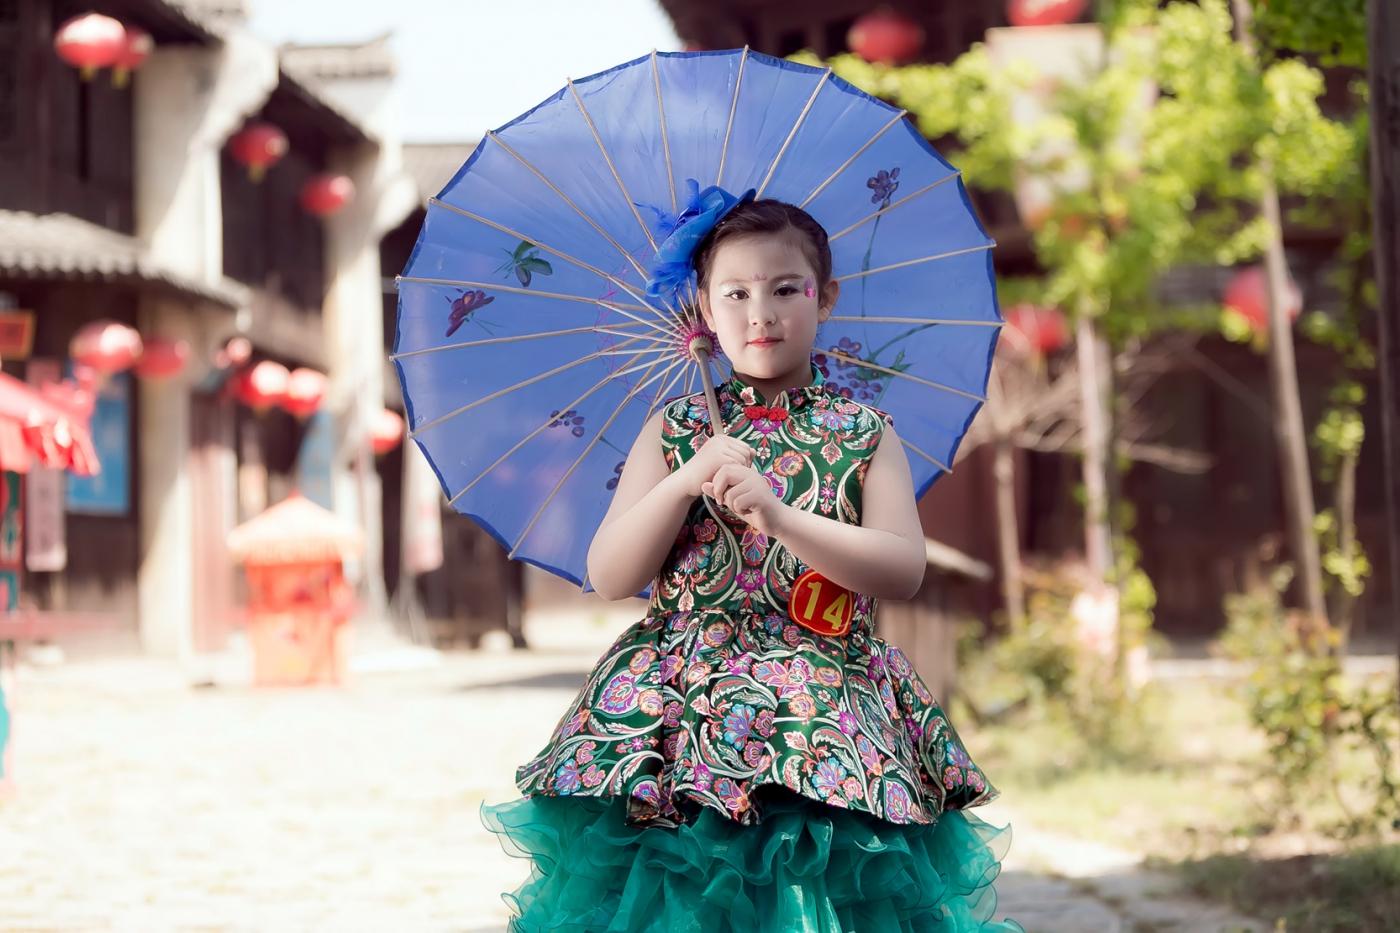 沂蒙娃娃穿上礼服走上show台 有个女孩特别萌 礼仪就要从娃娃抓起 ..._图1-15